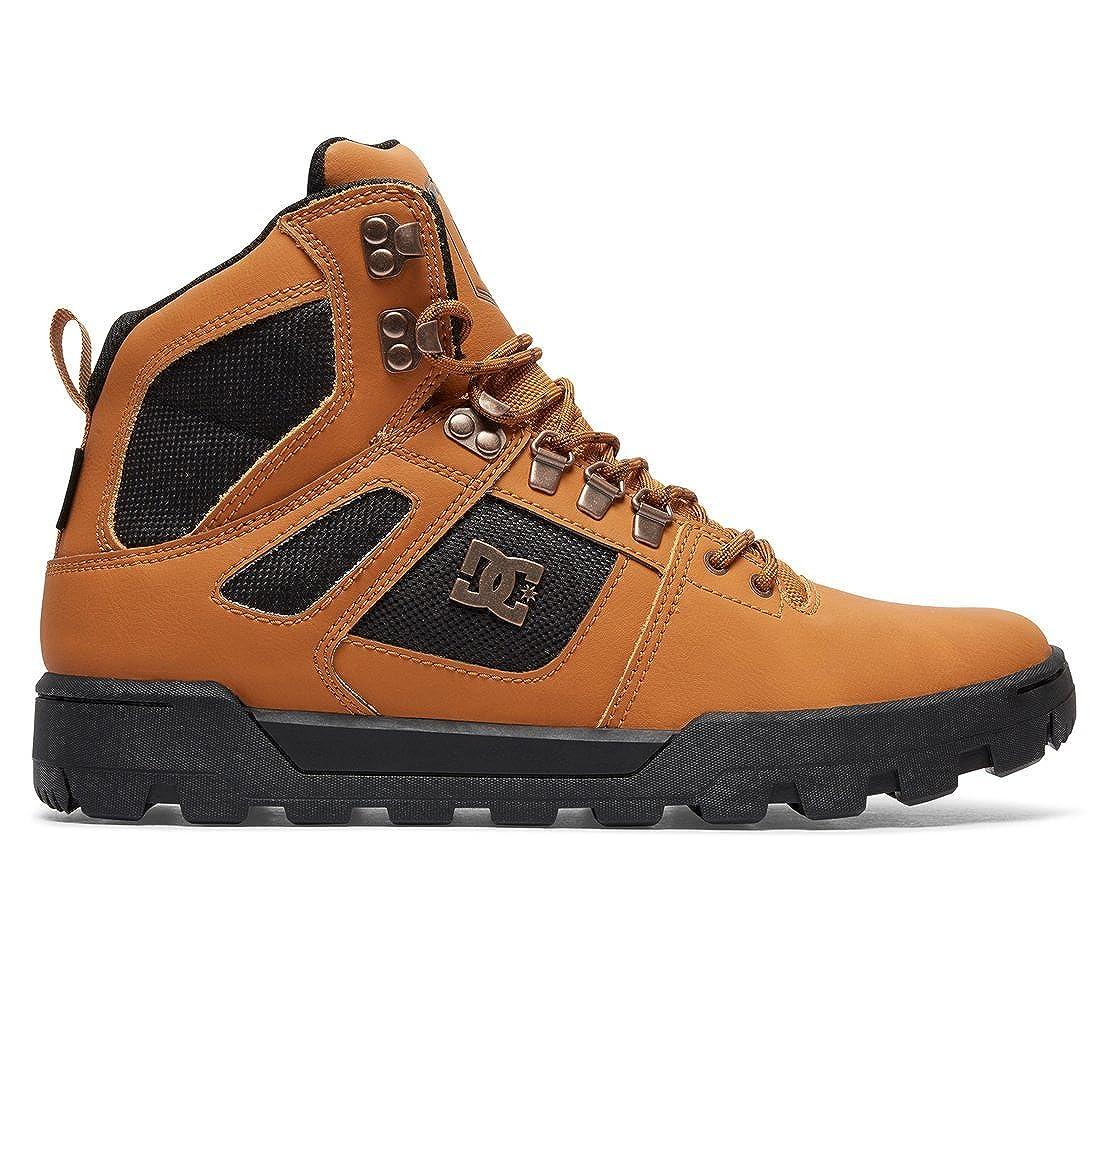 TALLA 39 EU. DC Shoes Spartan High WR Boot, Botas Clasicas para Hombre